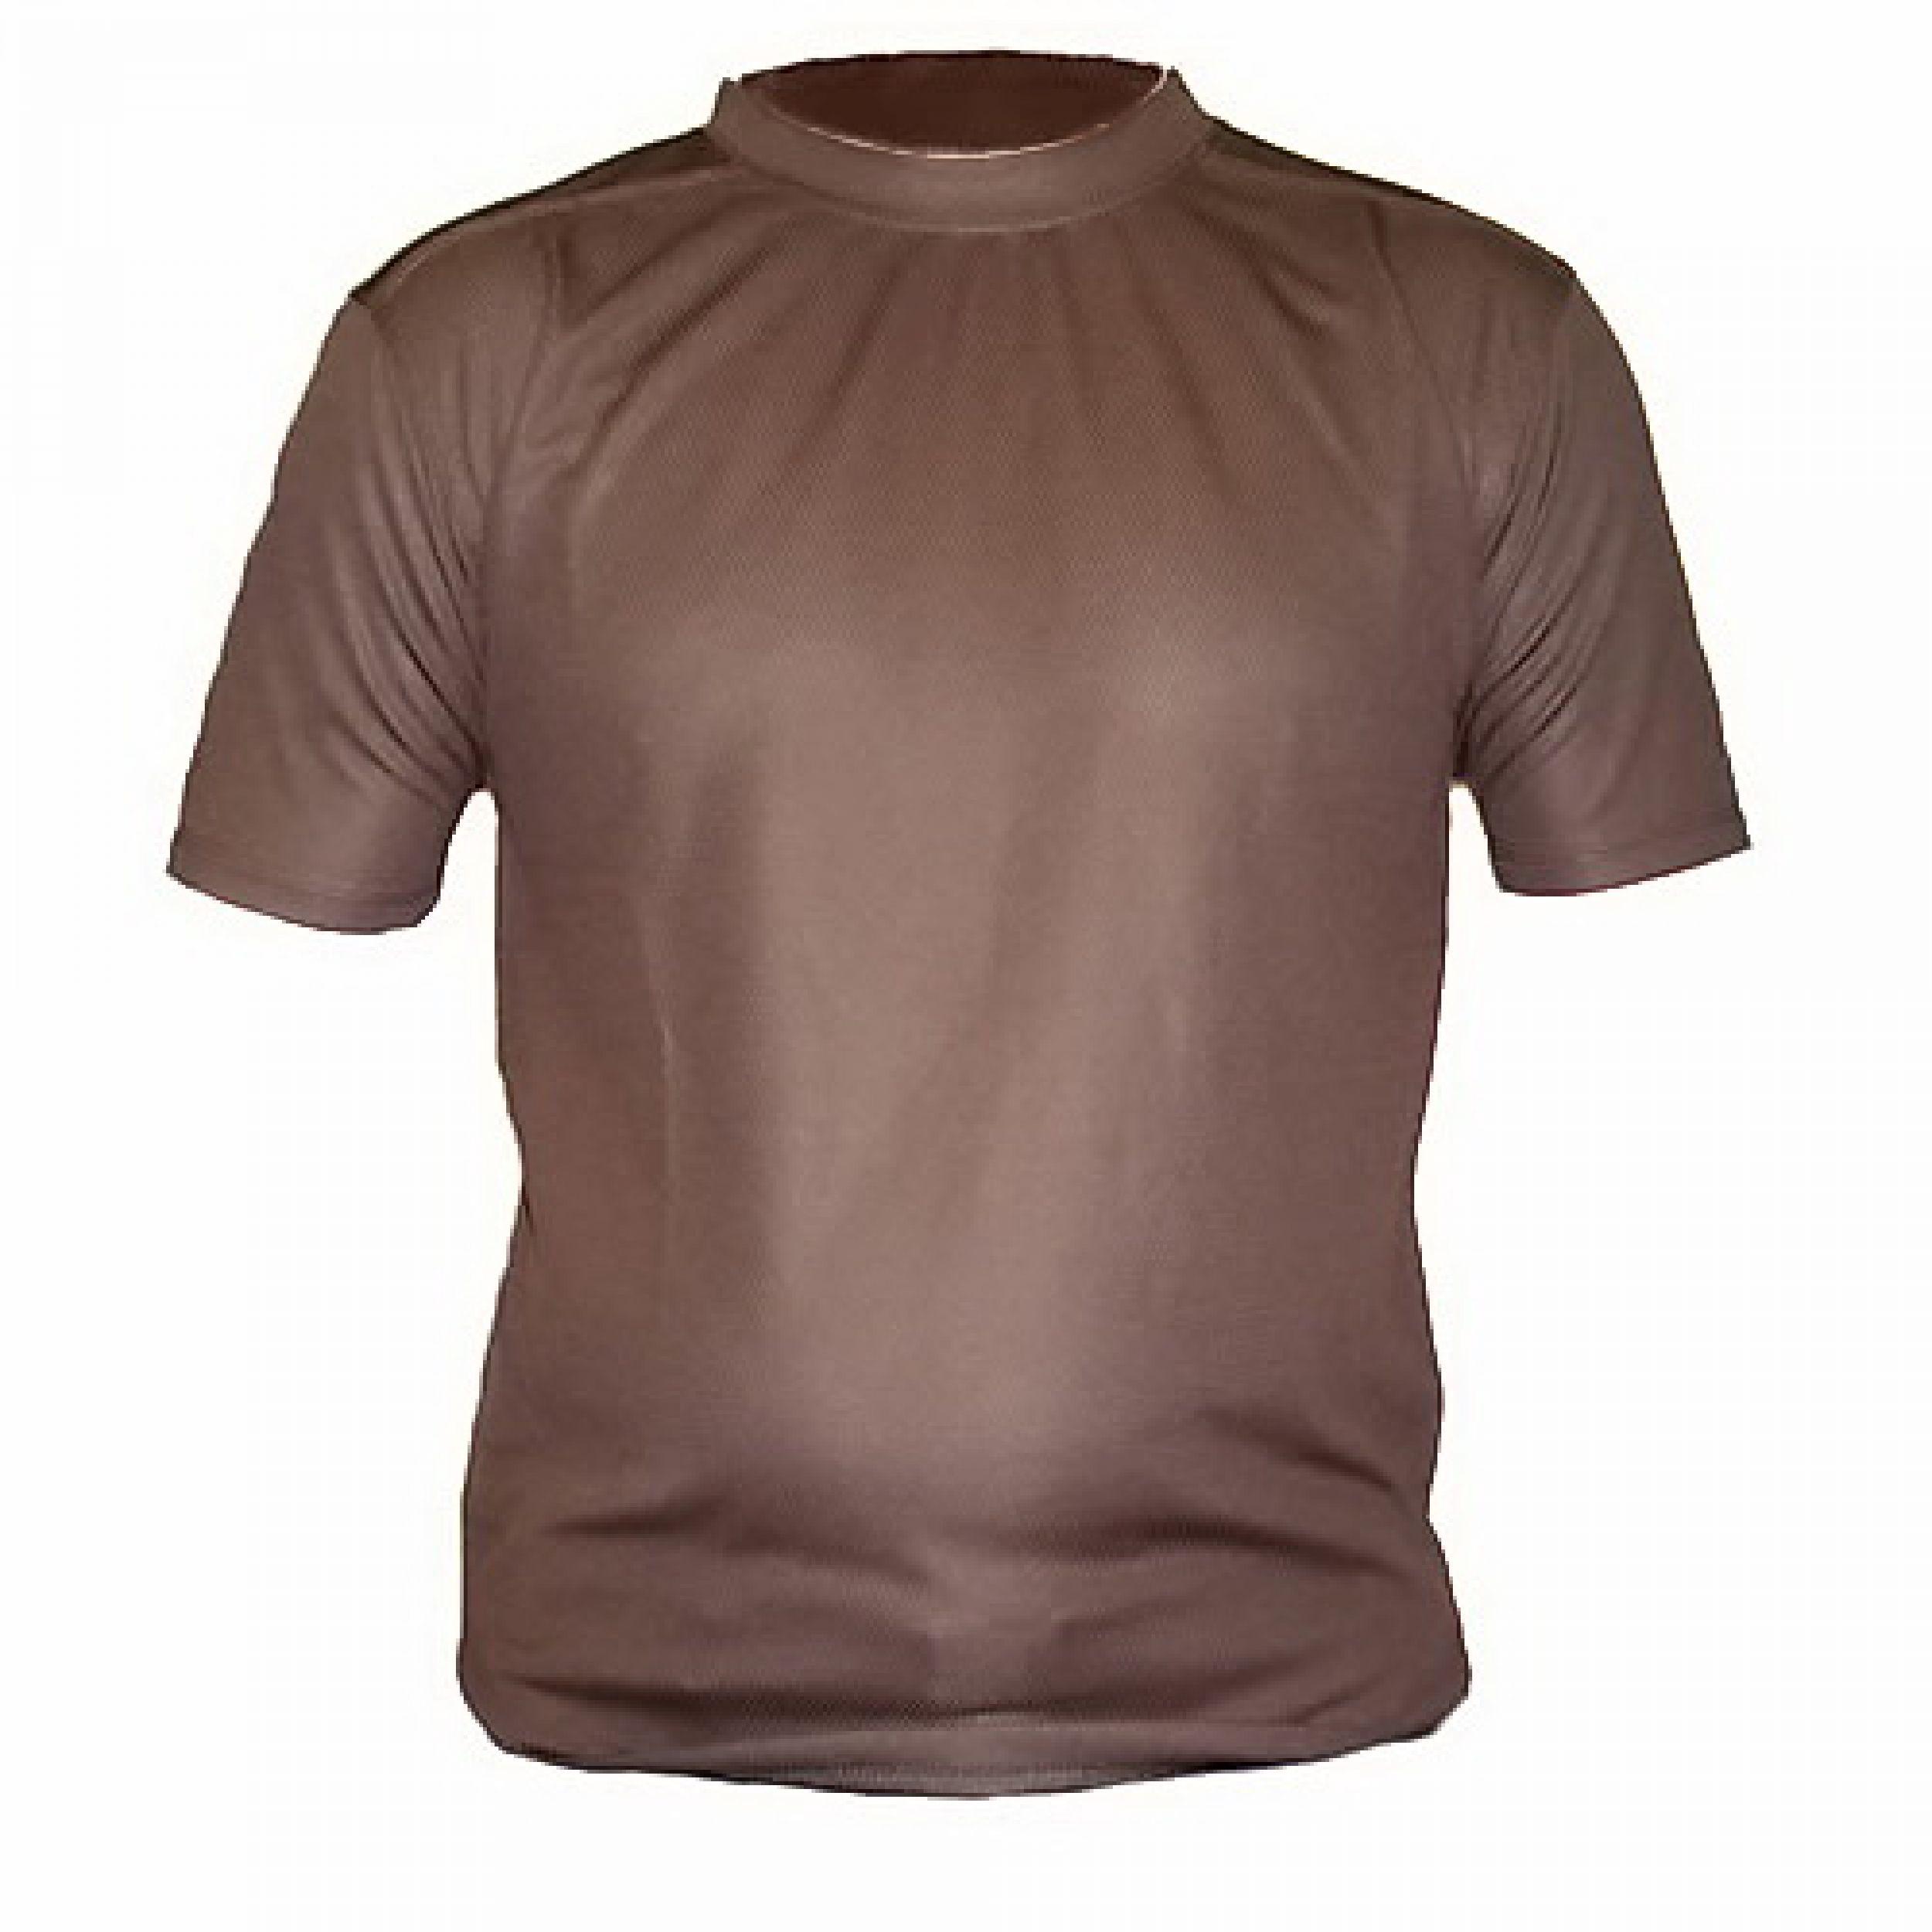 coolmax-tshirt-brown-lge.jpg